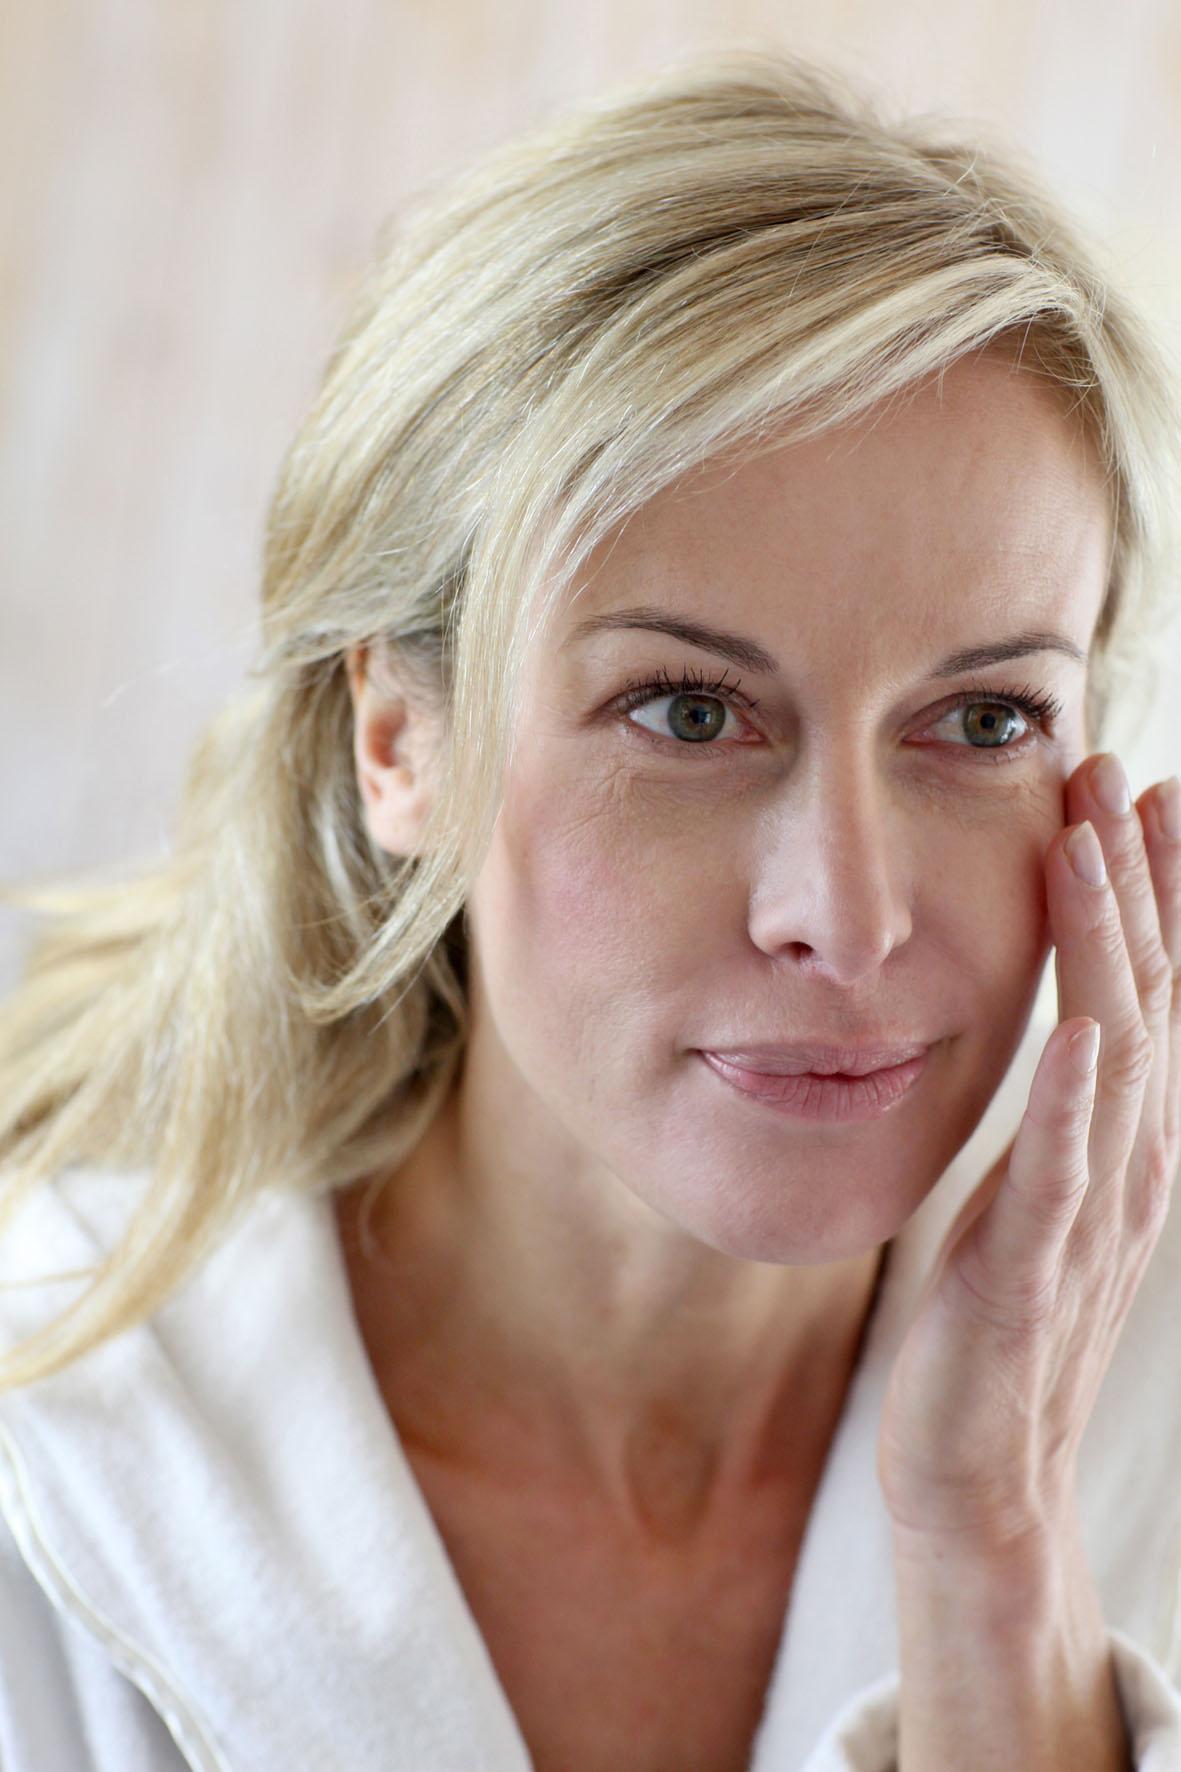 Hormonumstellungen wie in den Wechseljahren lassen die Haut mit der Zeit dünner, trockener und faltiger werden - Belastungen für ihre Haut ausgleichen